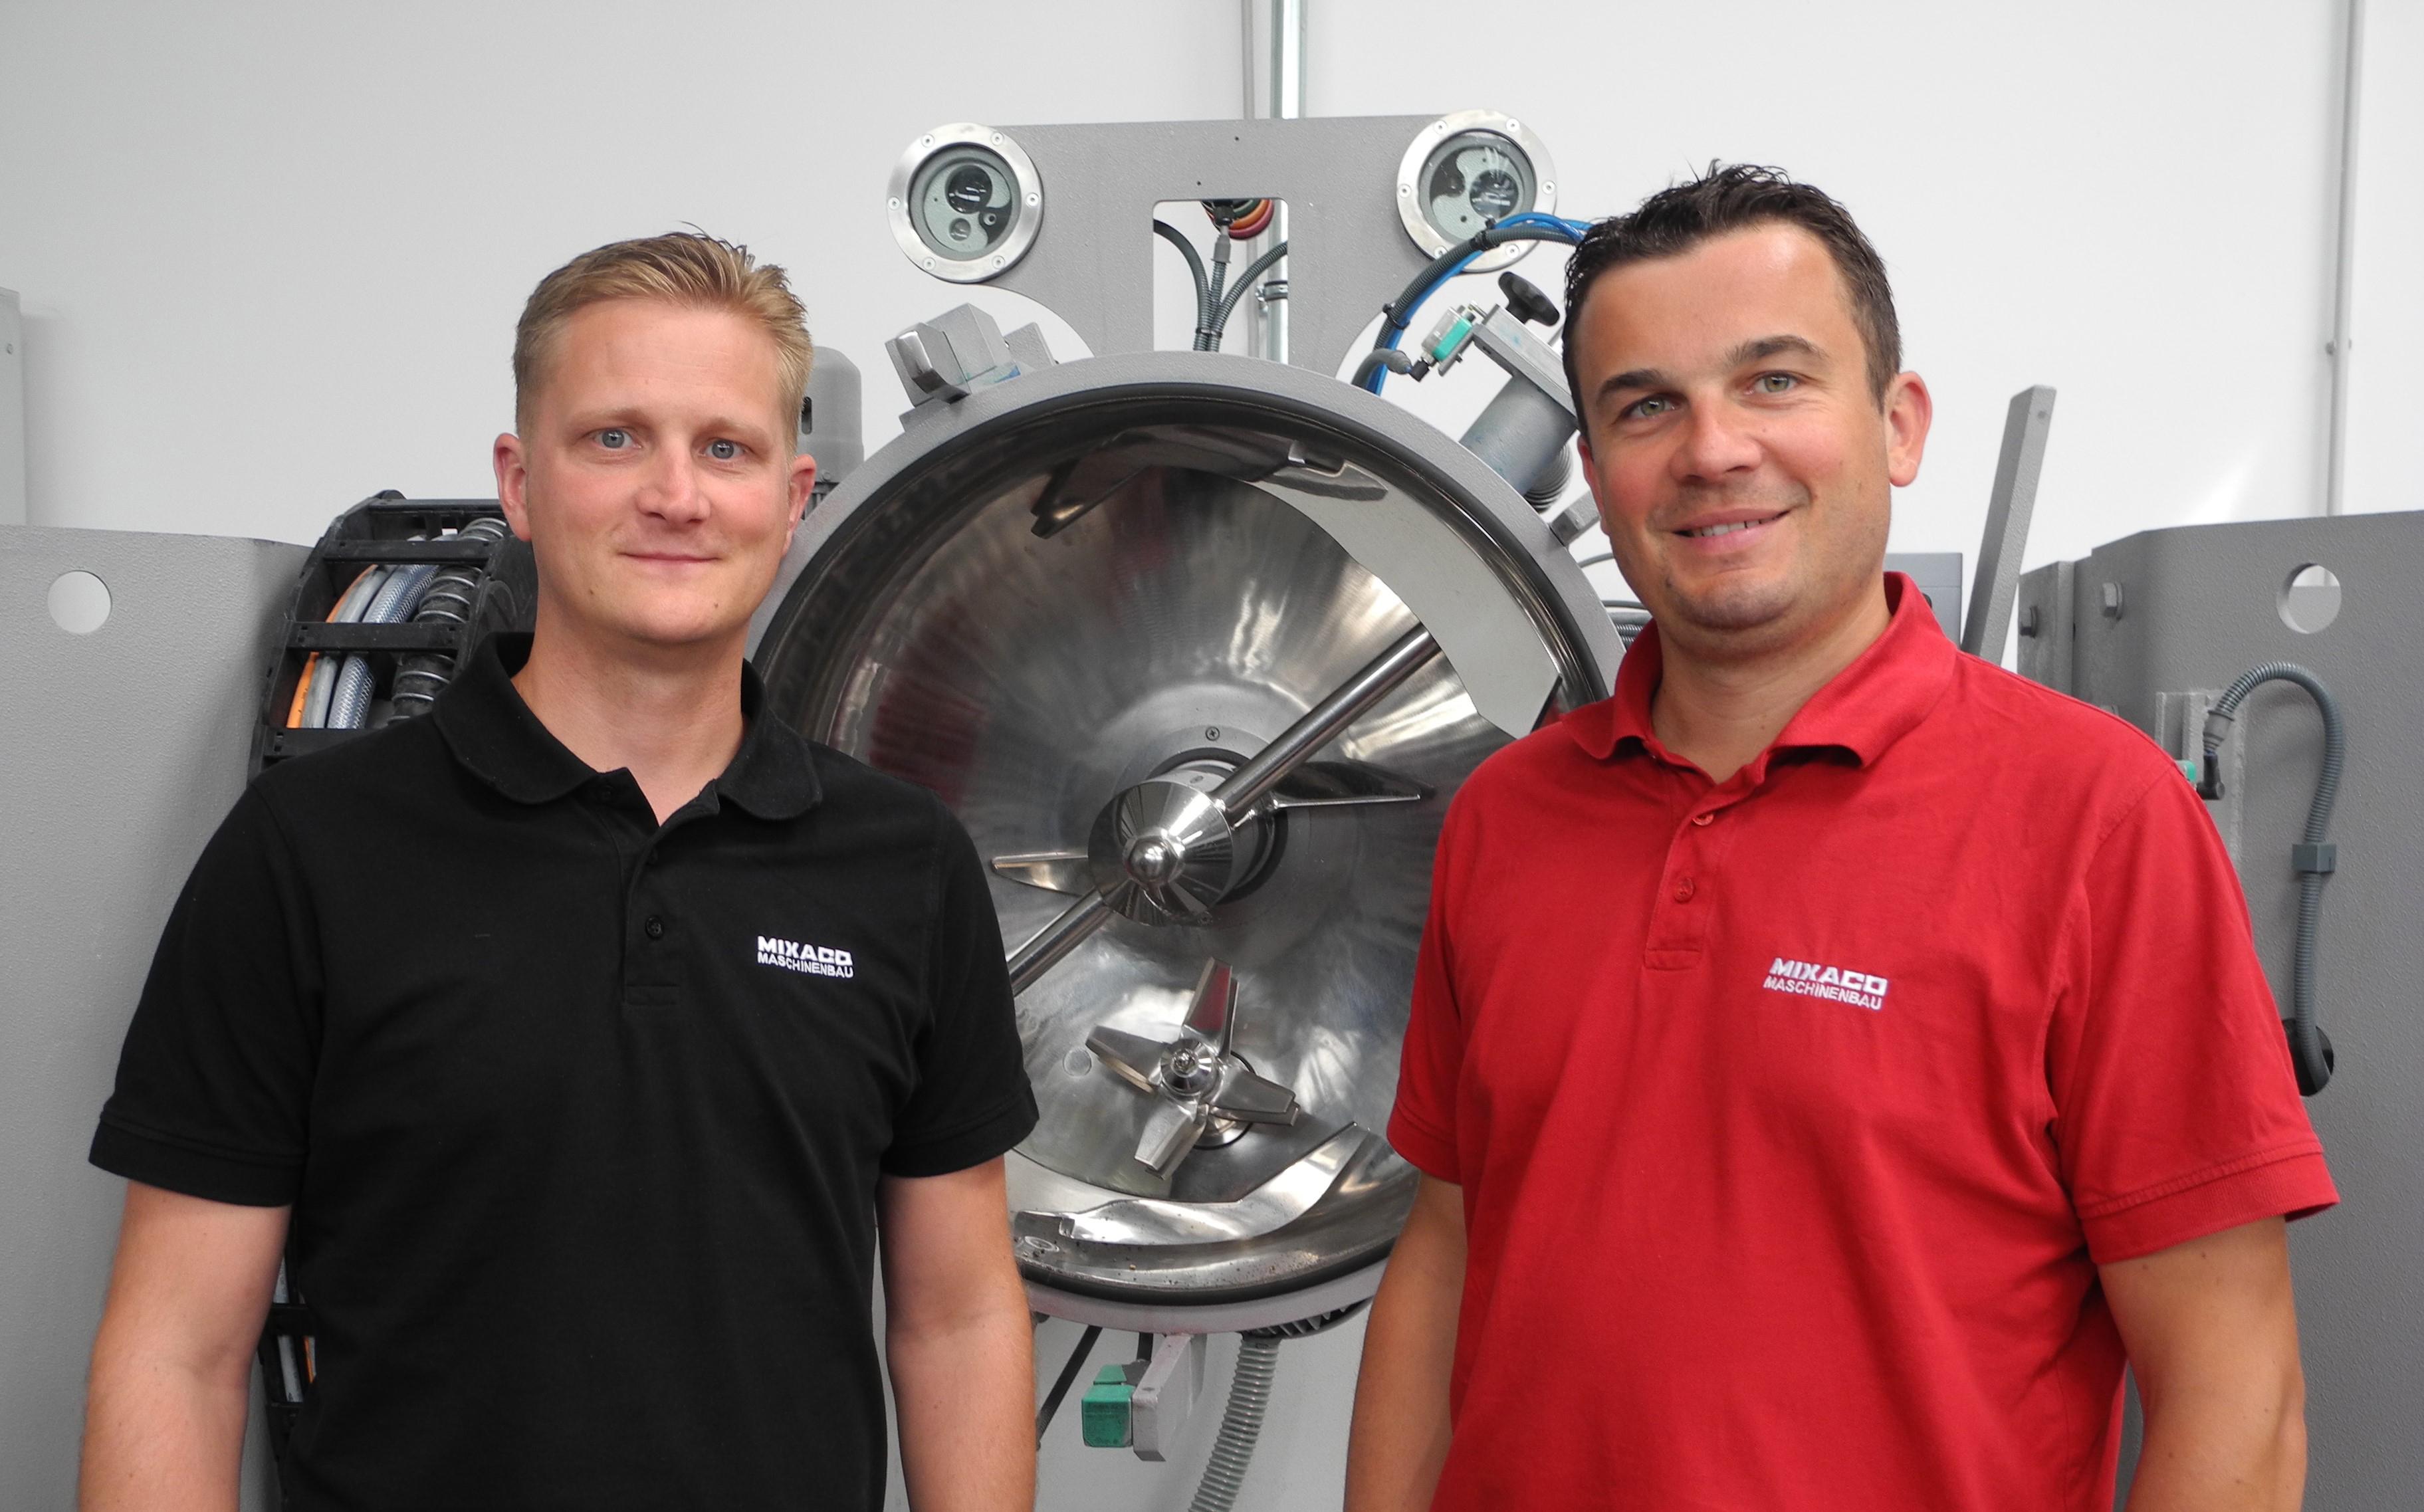 Mixaco-Geschäftsführer Matthias Tölle (r) und Vertriebsmitarbeiter Guido Brand (l). (Bild: Wendenburg)